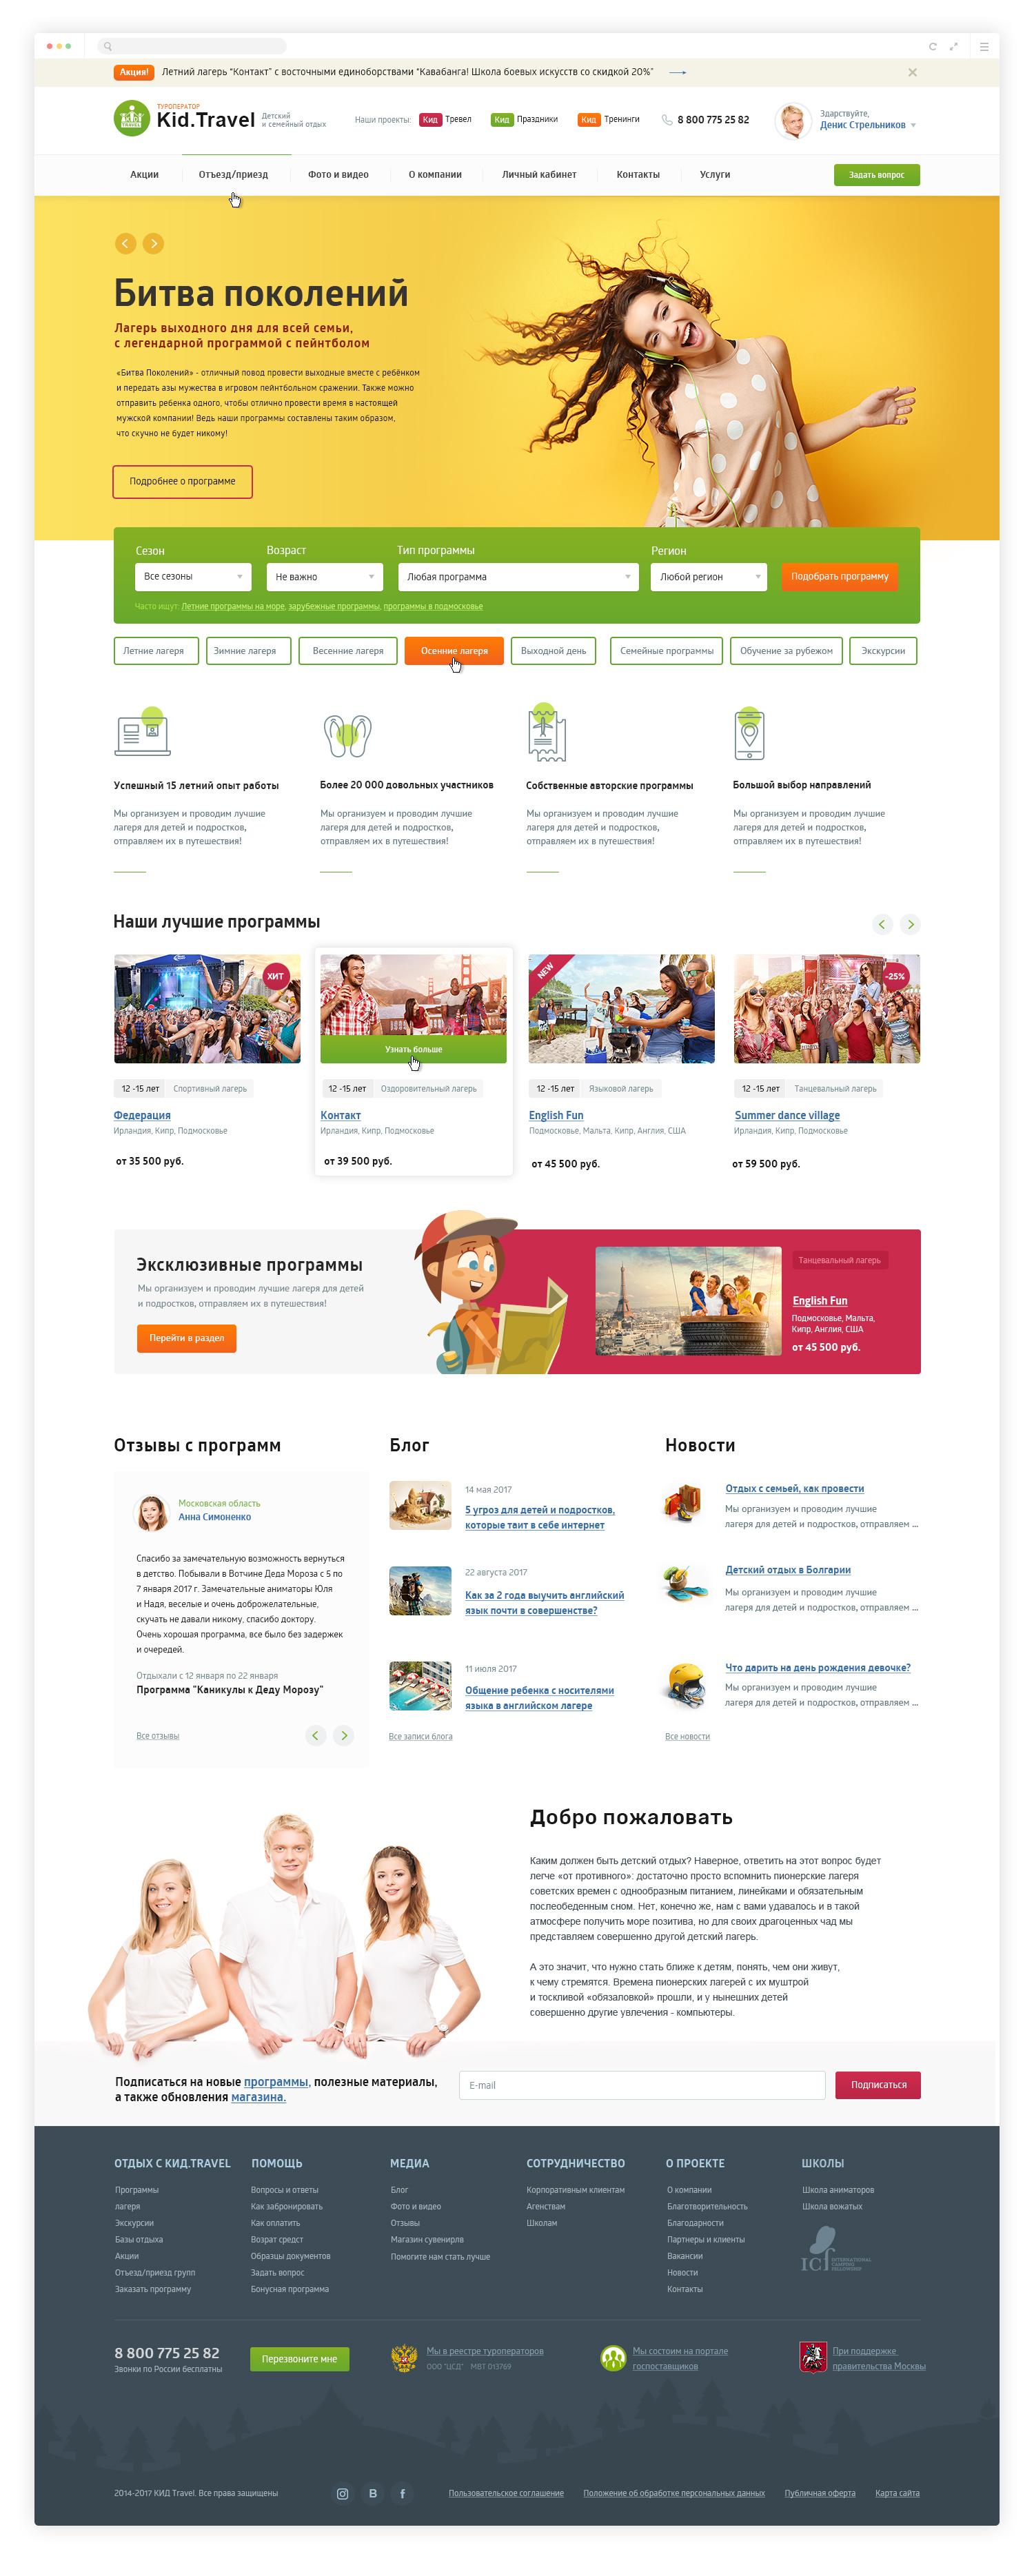 Сайт туриистической компании